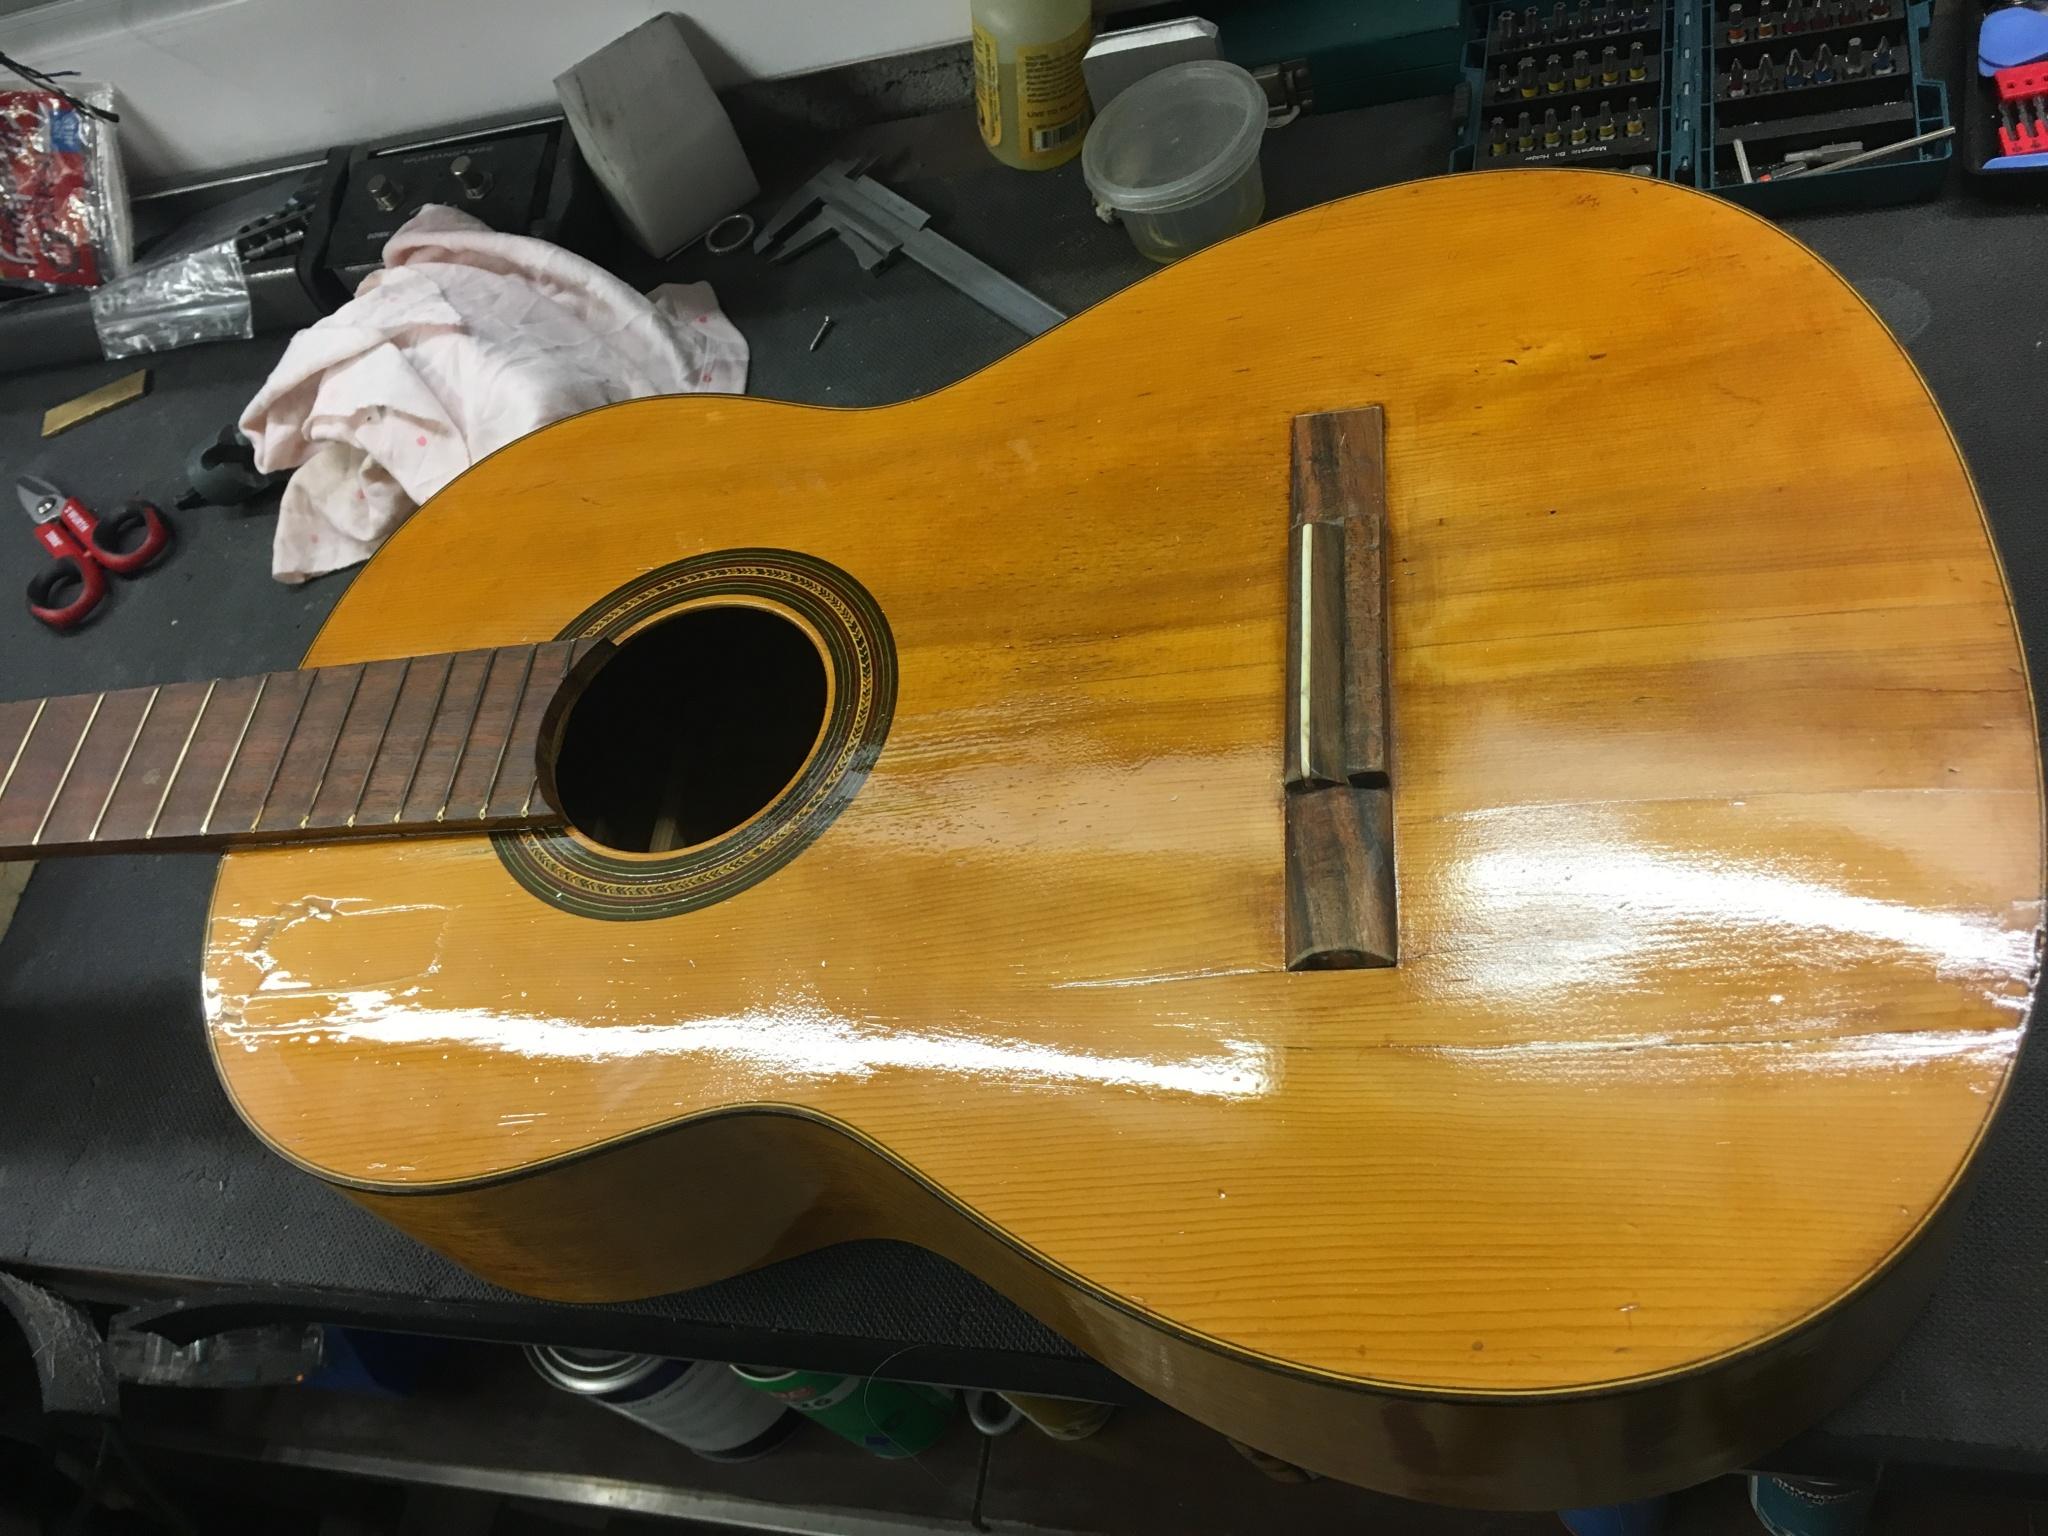 IMG 3557 - Reparación guitarra Española de mas de 60 años